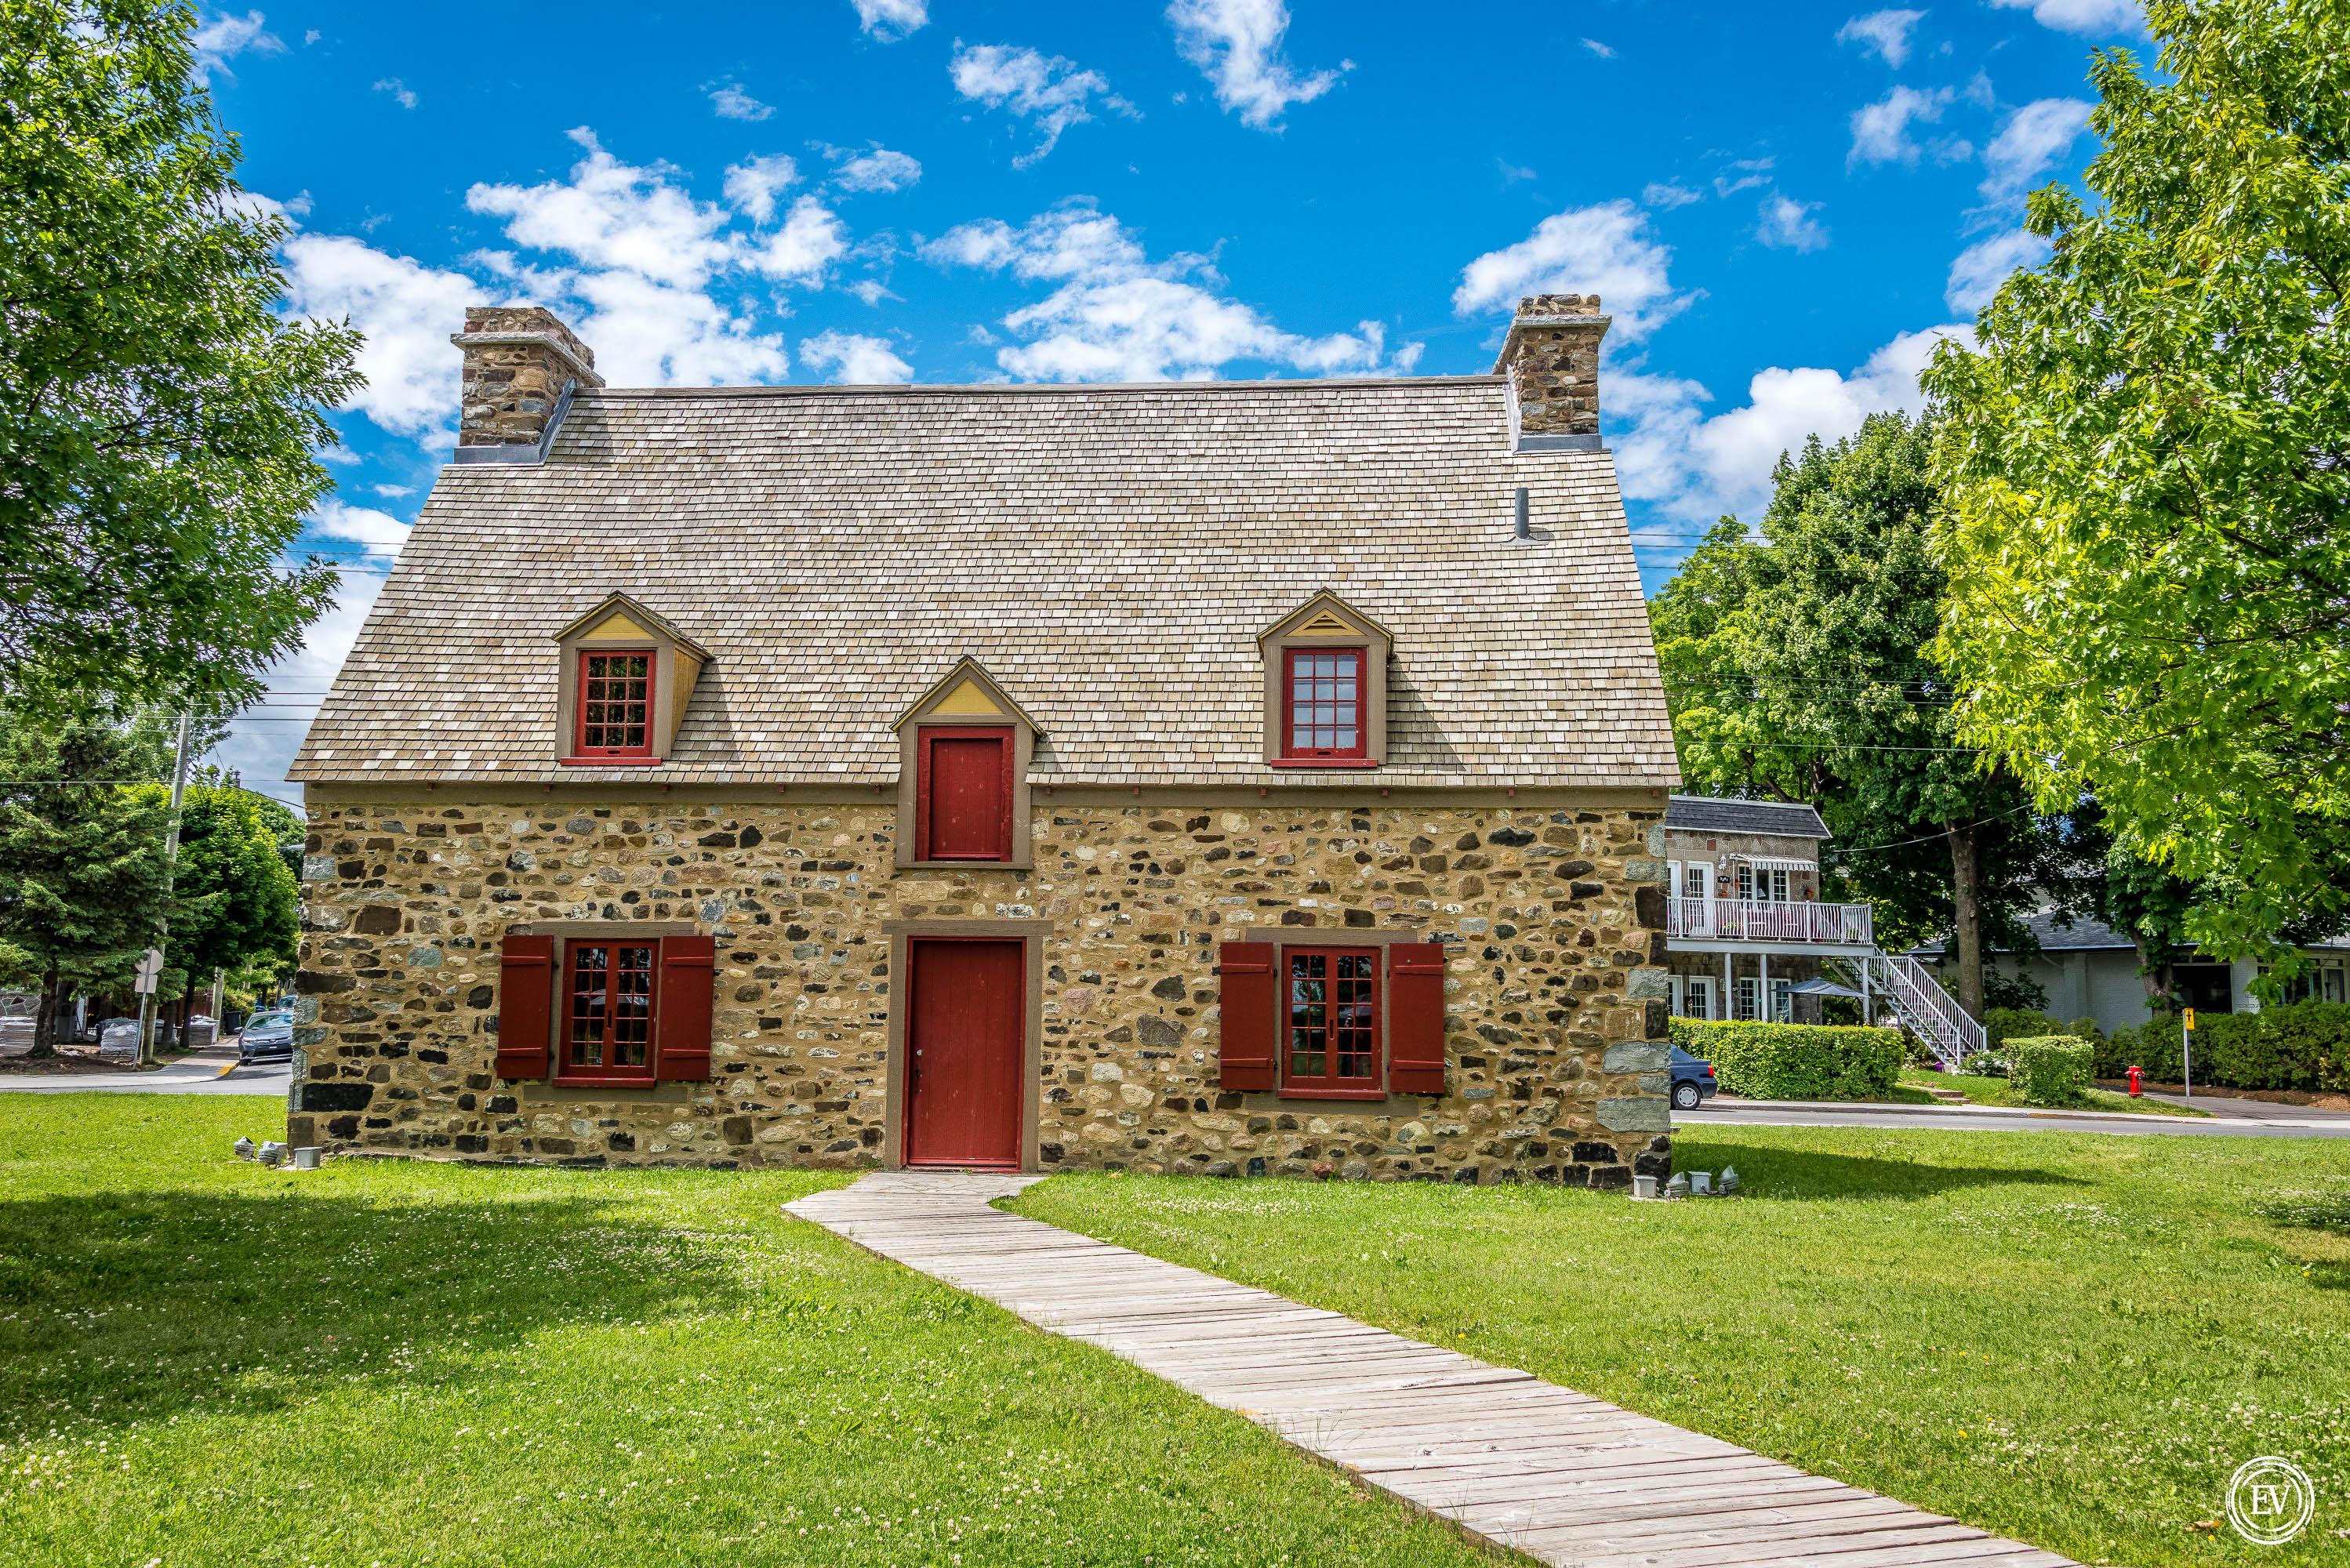 Photo couleur montrant la Maison Nivard-De Saint-Dizier.